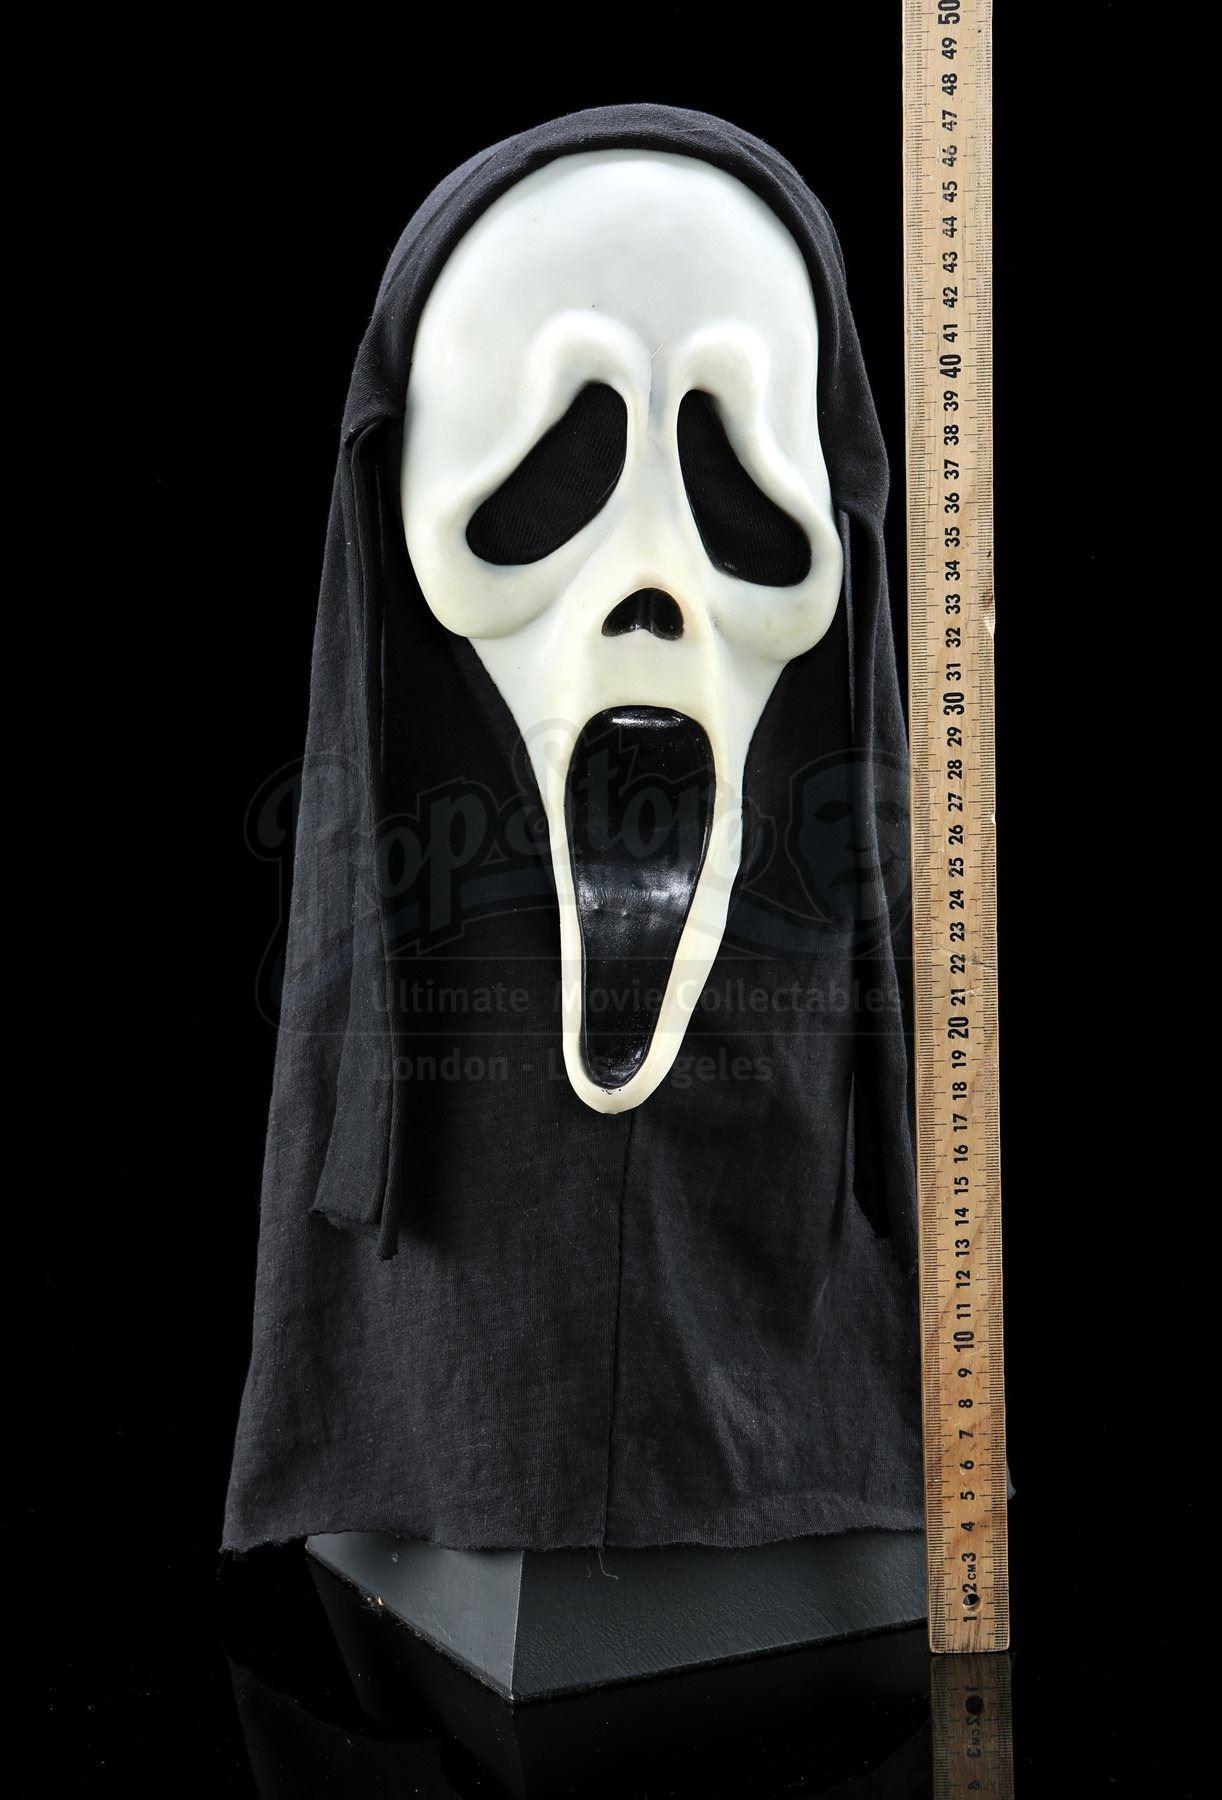 SCREAM (1996) - Ghostface Mask